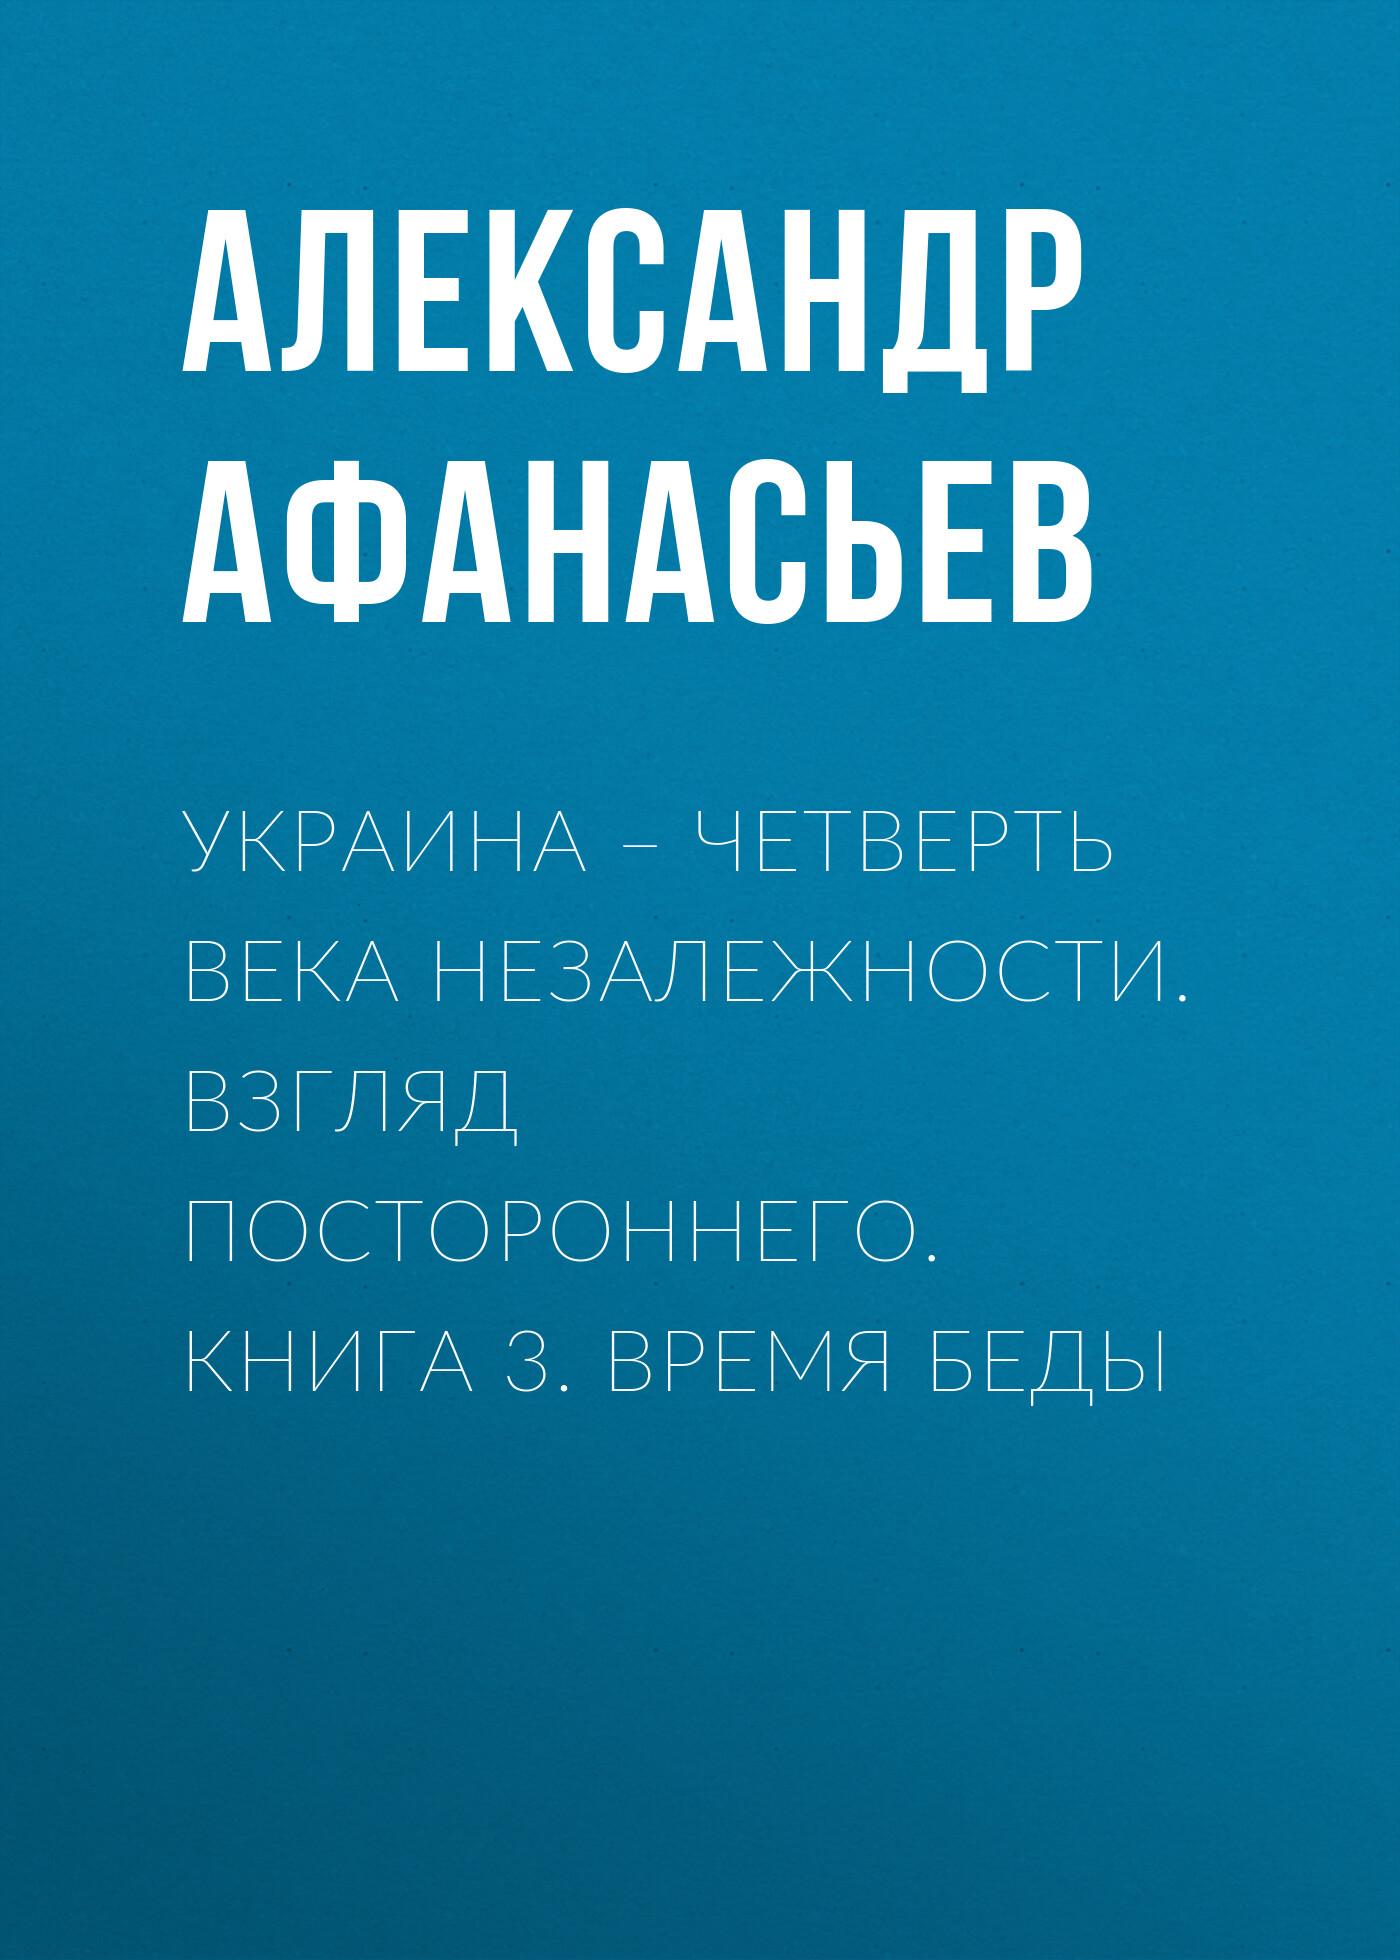 Украина – четверть века незалежности. Взгляд постороннего. Книга 3. Время беды_Александр Афанасьев